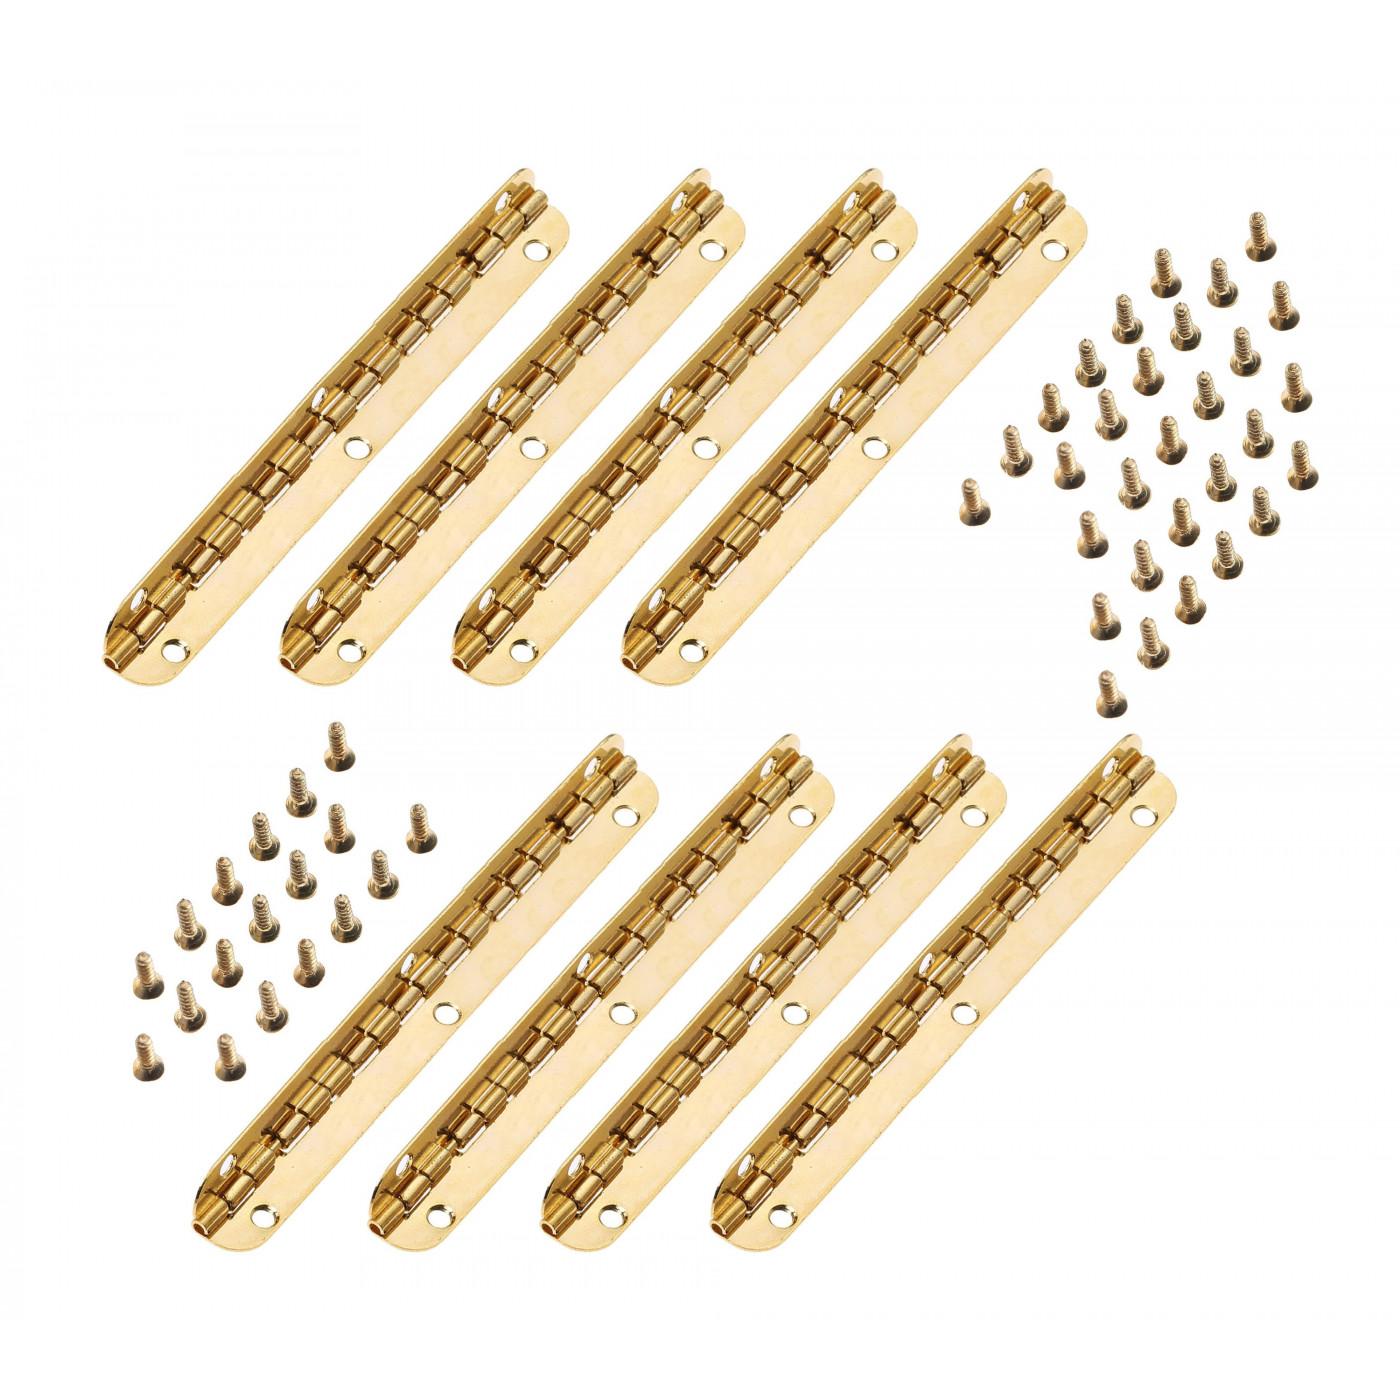 Zestaw 8 zawiasów długich (dł. 11,5 cm złote, rozwarcie maks. 90 stopni)  - 1